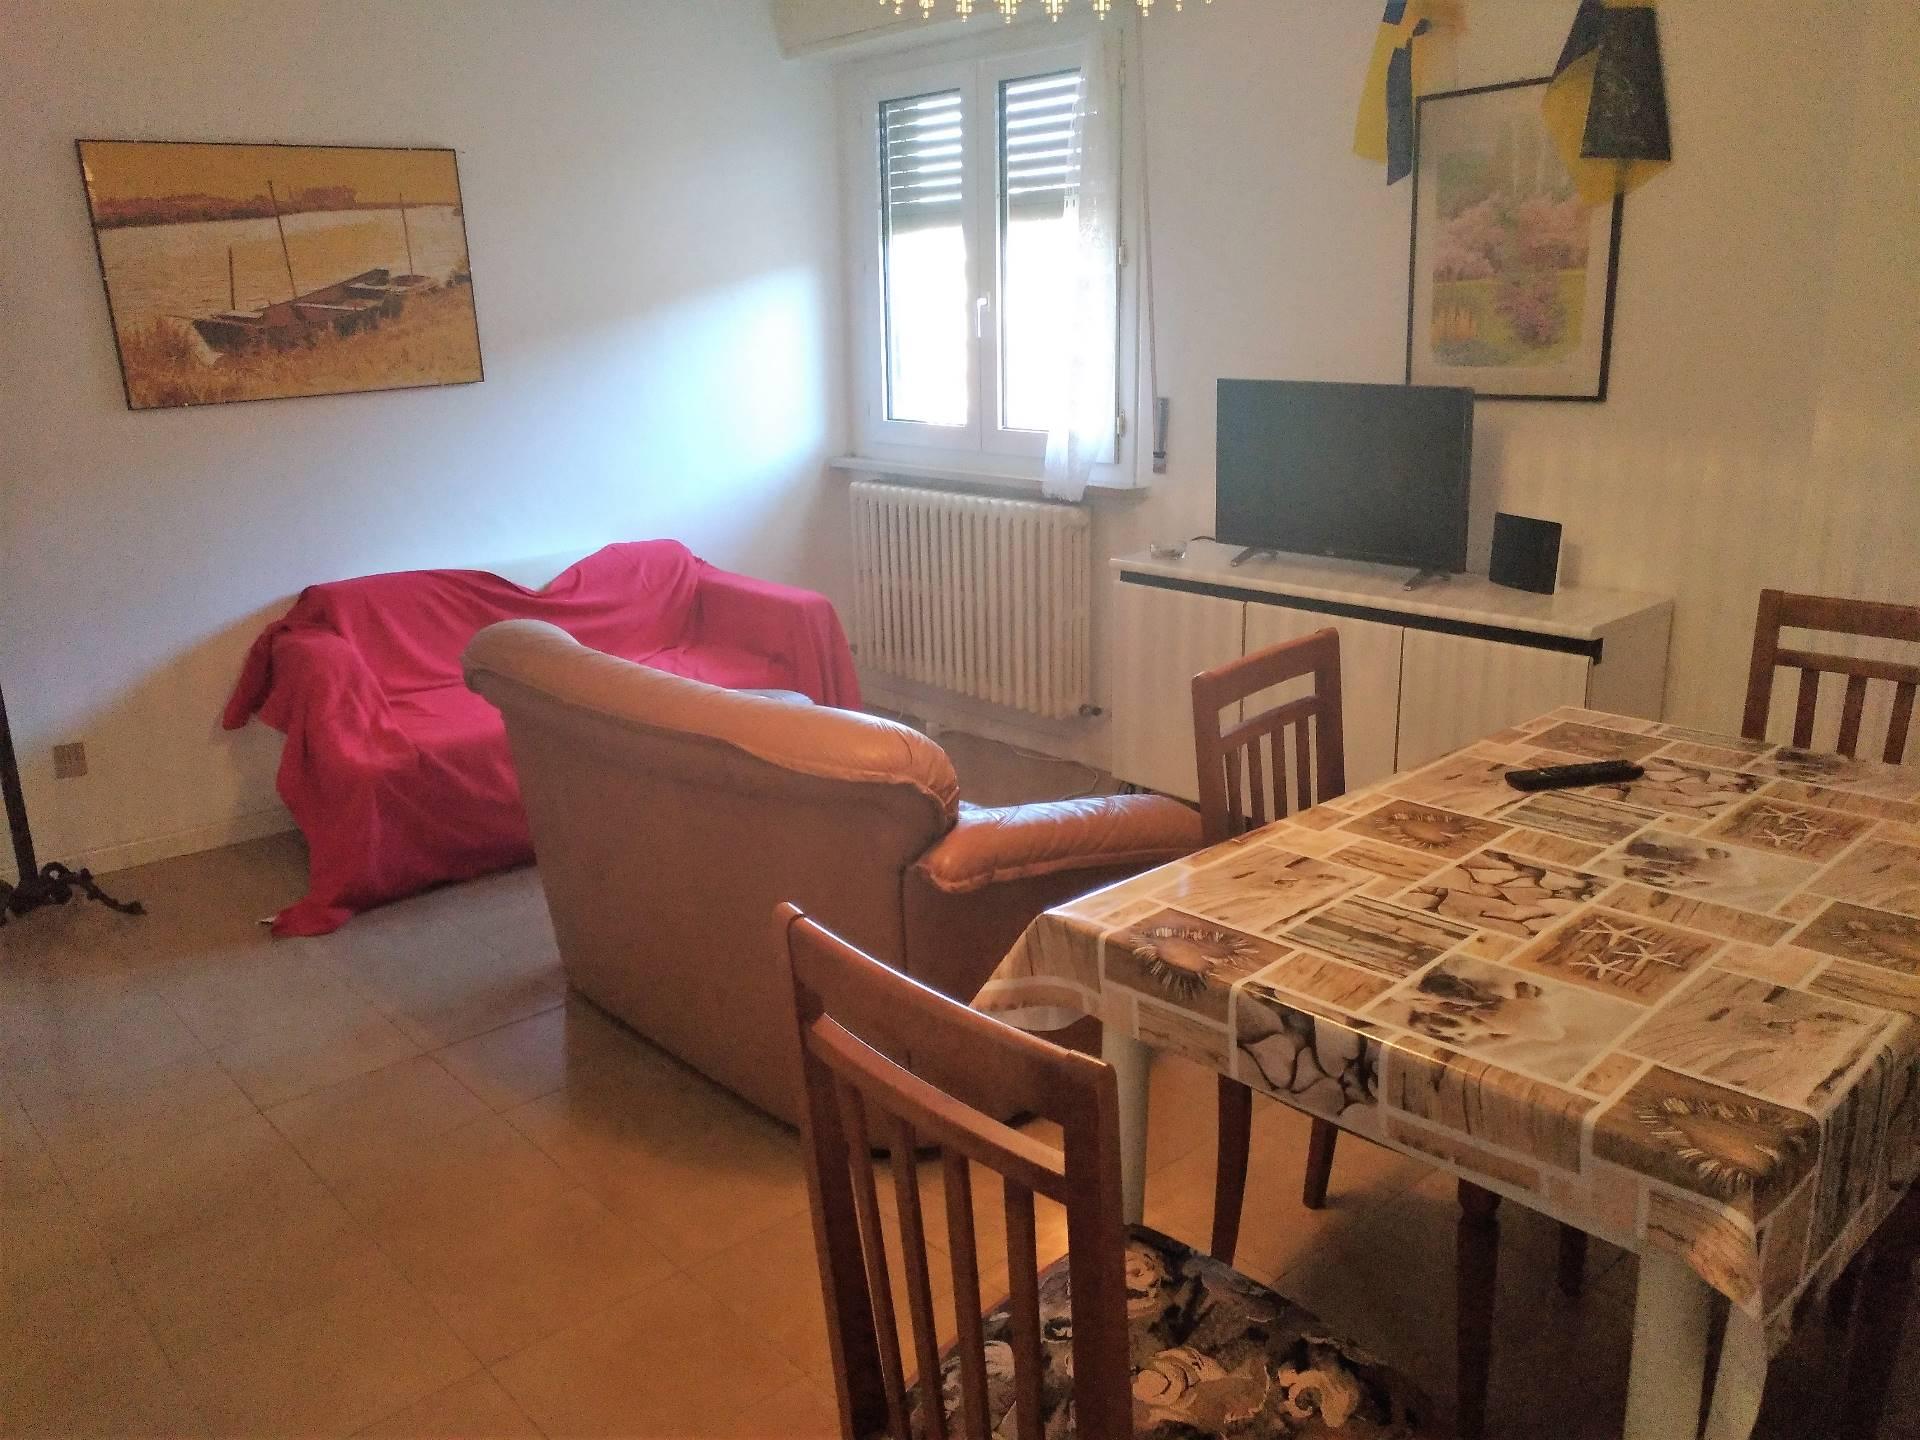 Appartamento in affitto a Ancona, 4 locali, zona Località: Centrostorico, prezzo € 700 | CambioCasa.it